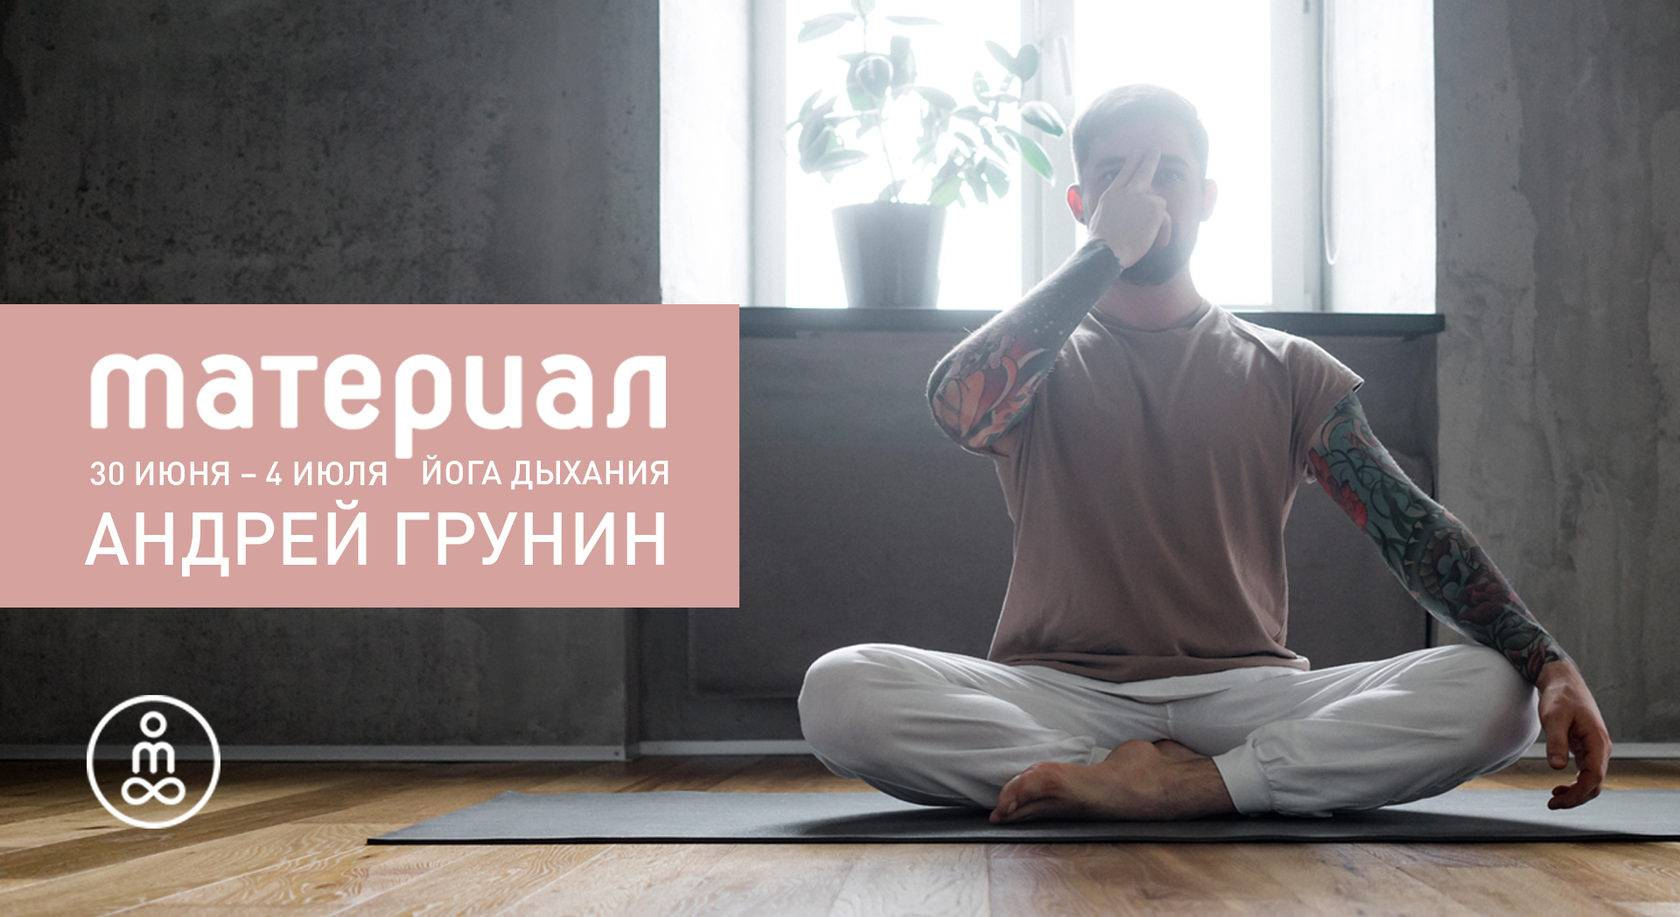 Совмещаем йогу с медитацией: 7 советов от профессионалов